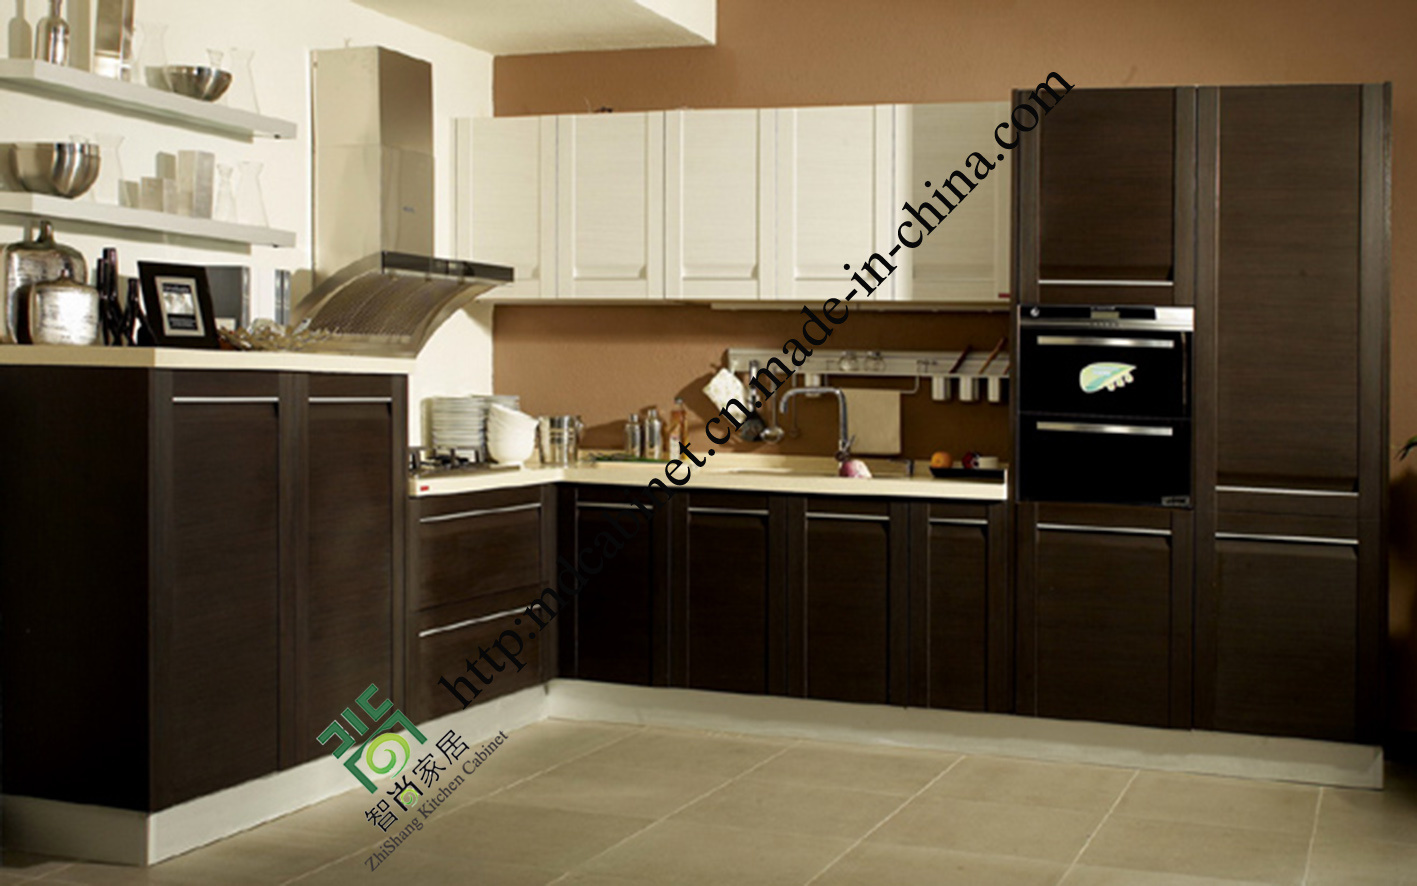 foto de 2016 gabinetes de cocina modernos del pvc de la